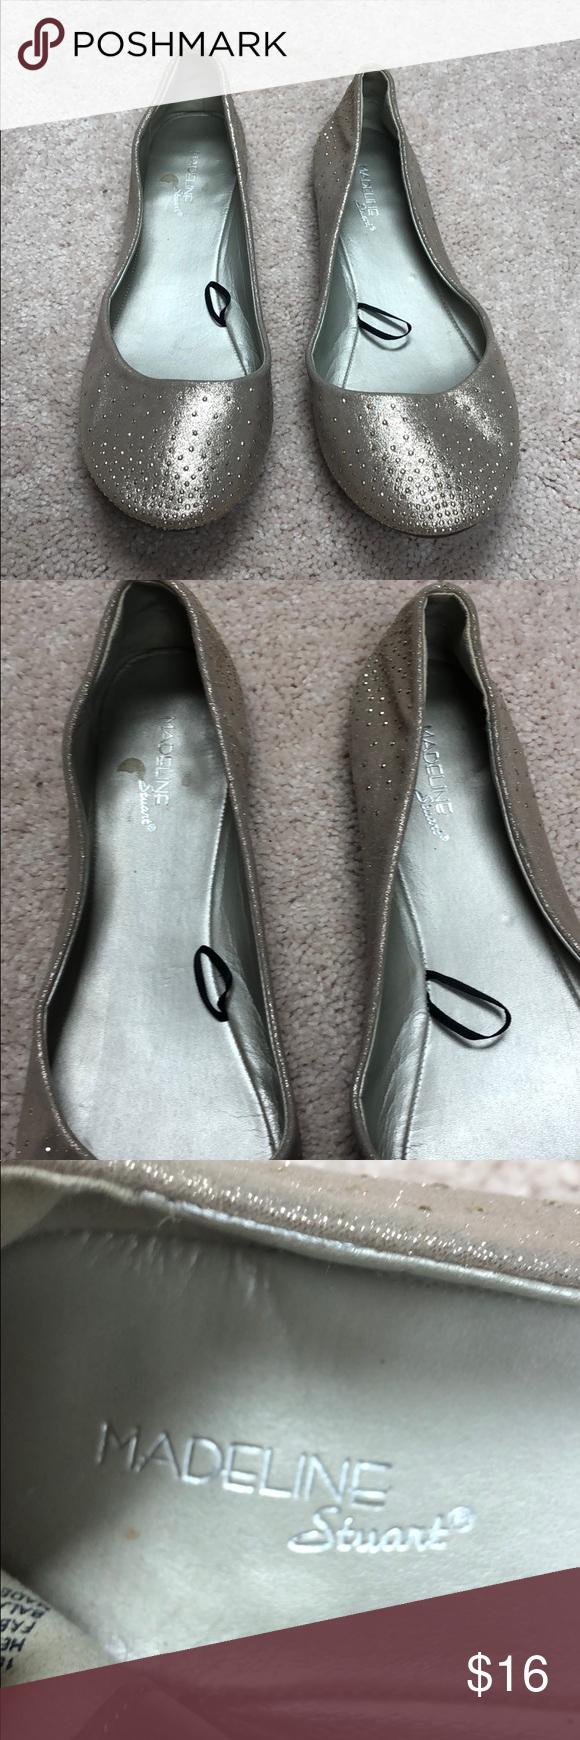 Madeline Stuart ballet slipper